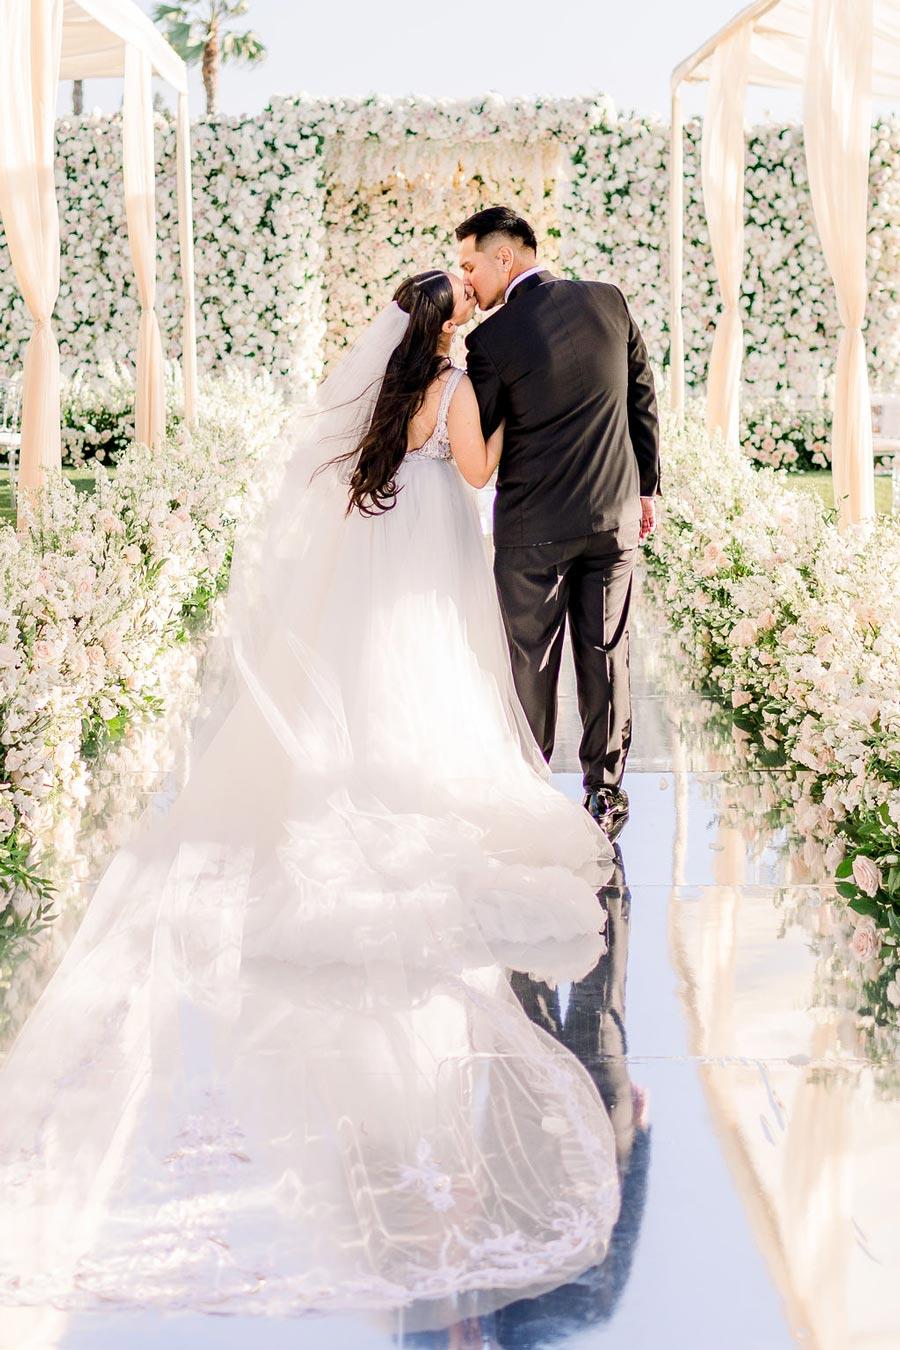 классическая свадьба на современный манер как устроить 2